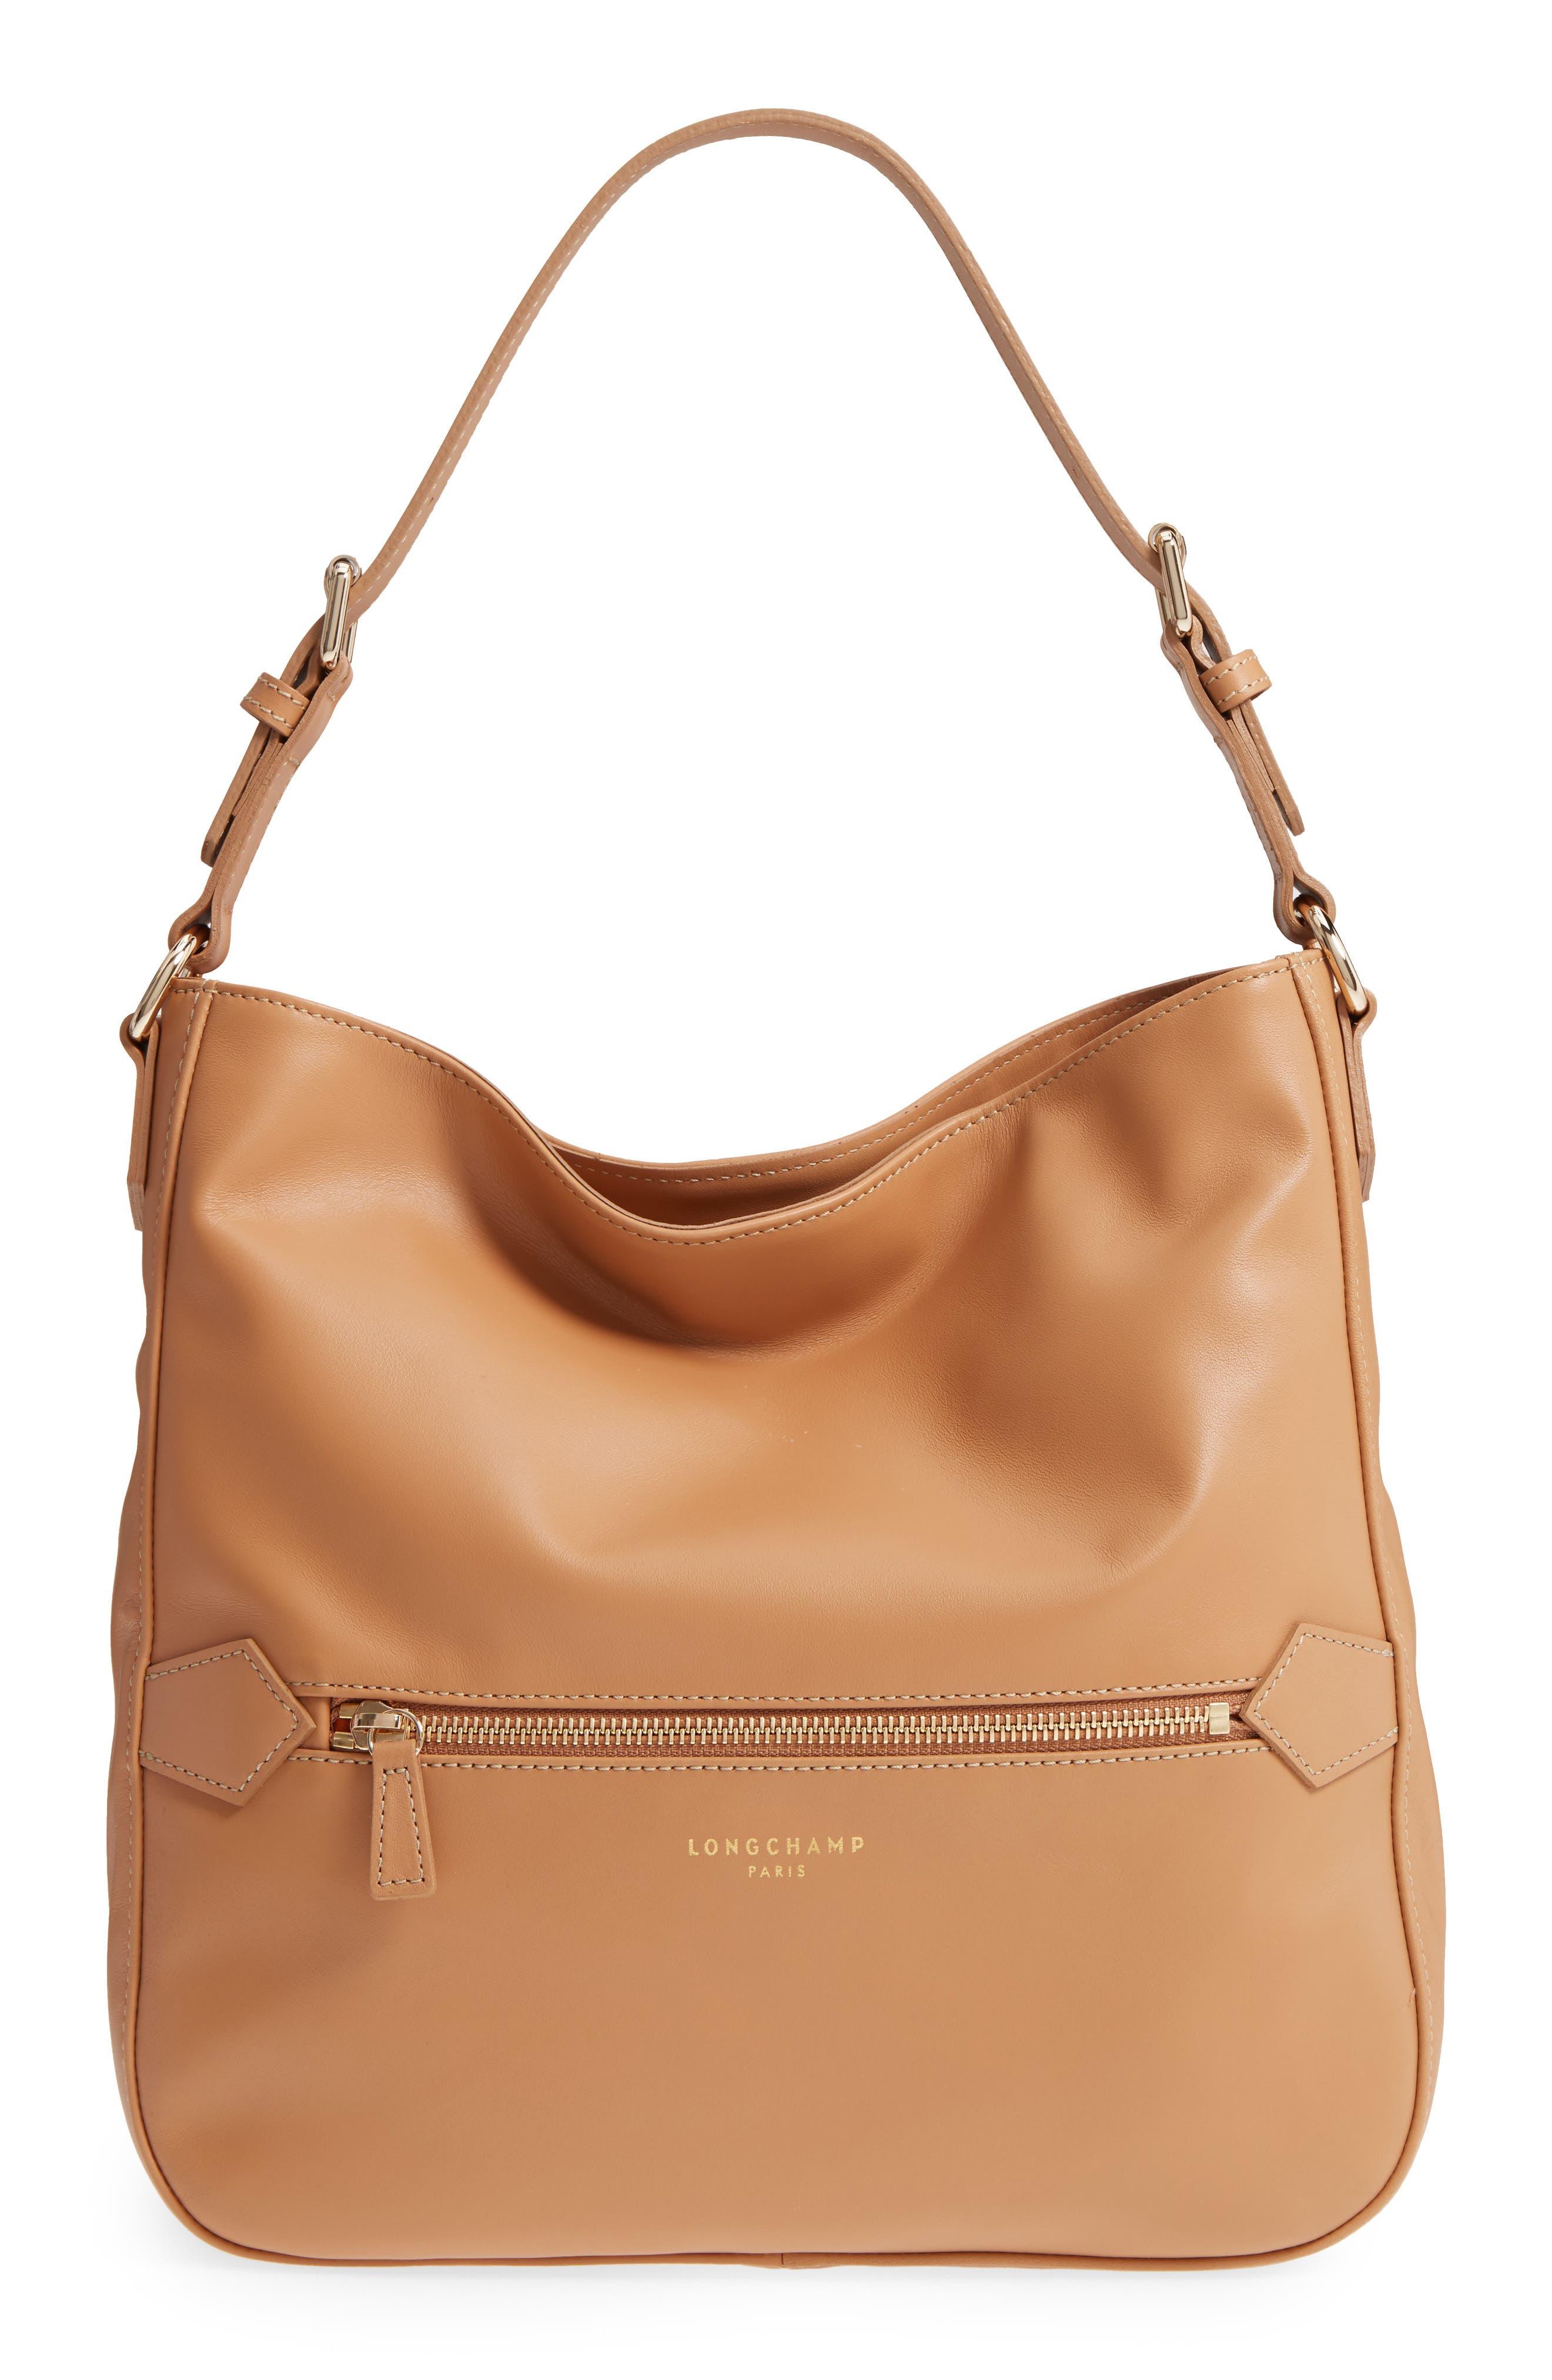 Longchamp 2.0 Leather Hobo